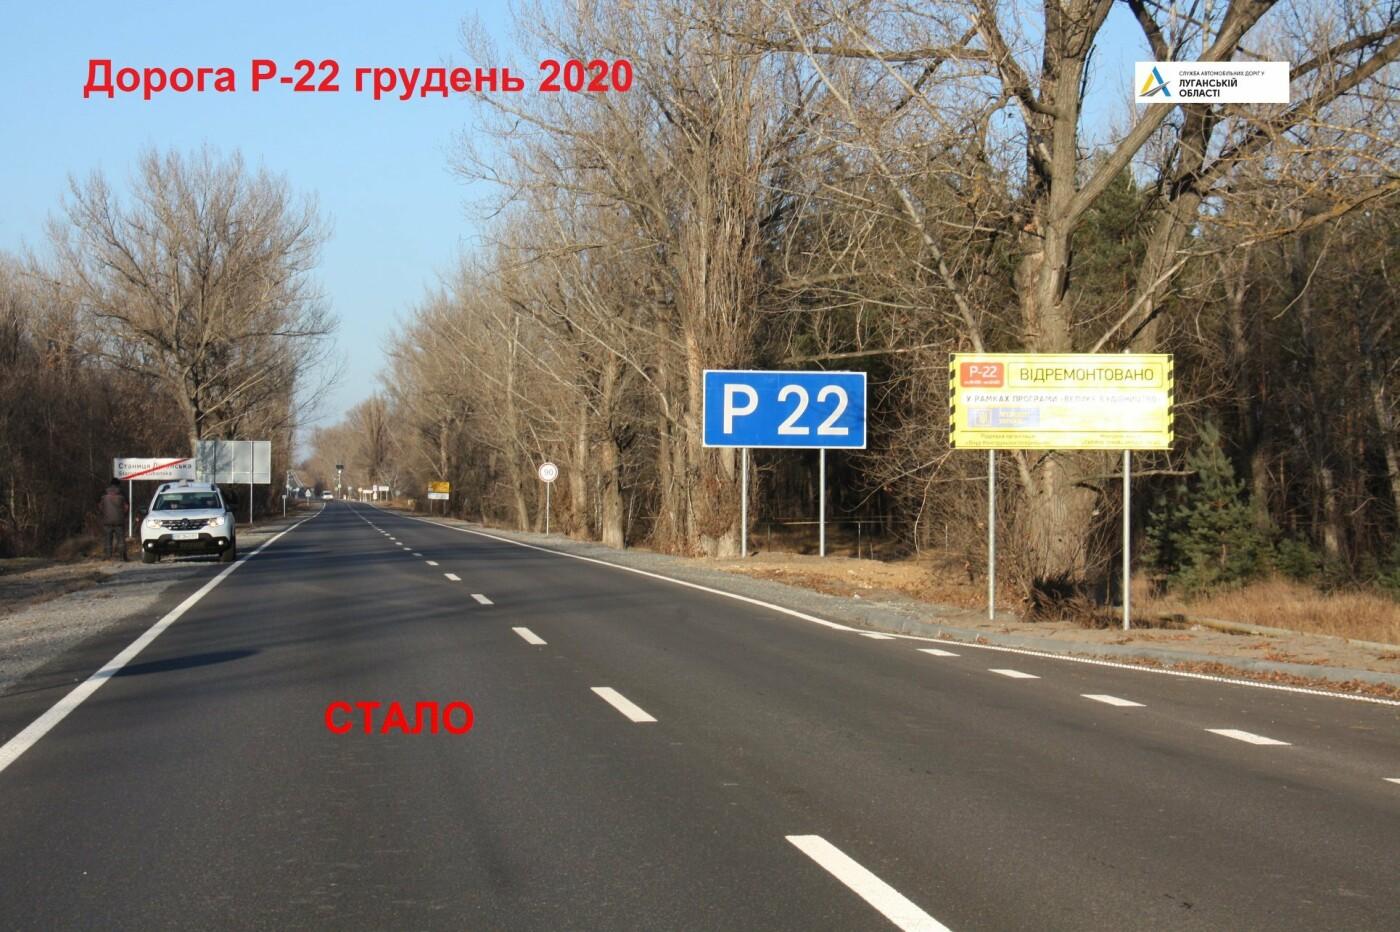 Было - стало. Автодорожники показали результаты ремонта дороги Северодонецк-Станица-Луганская, фото-12